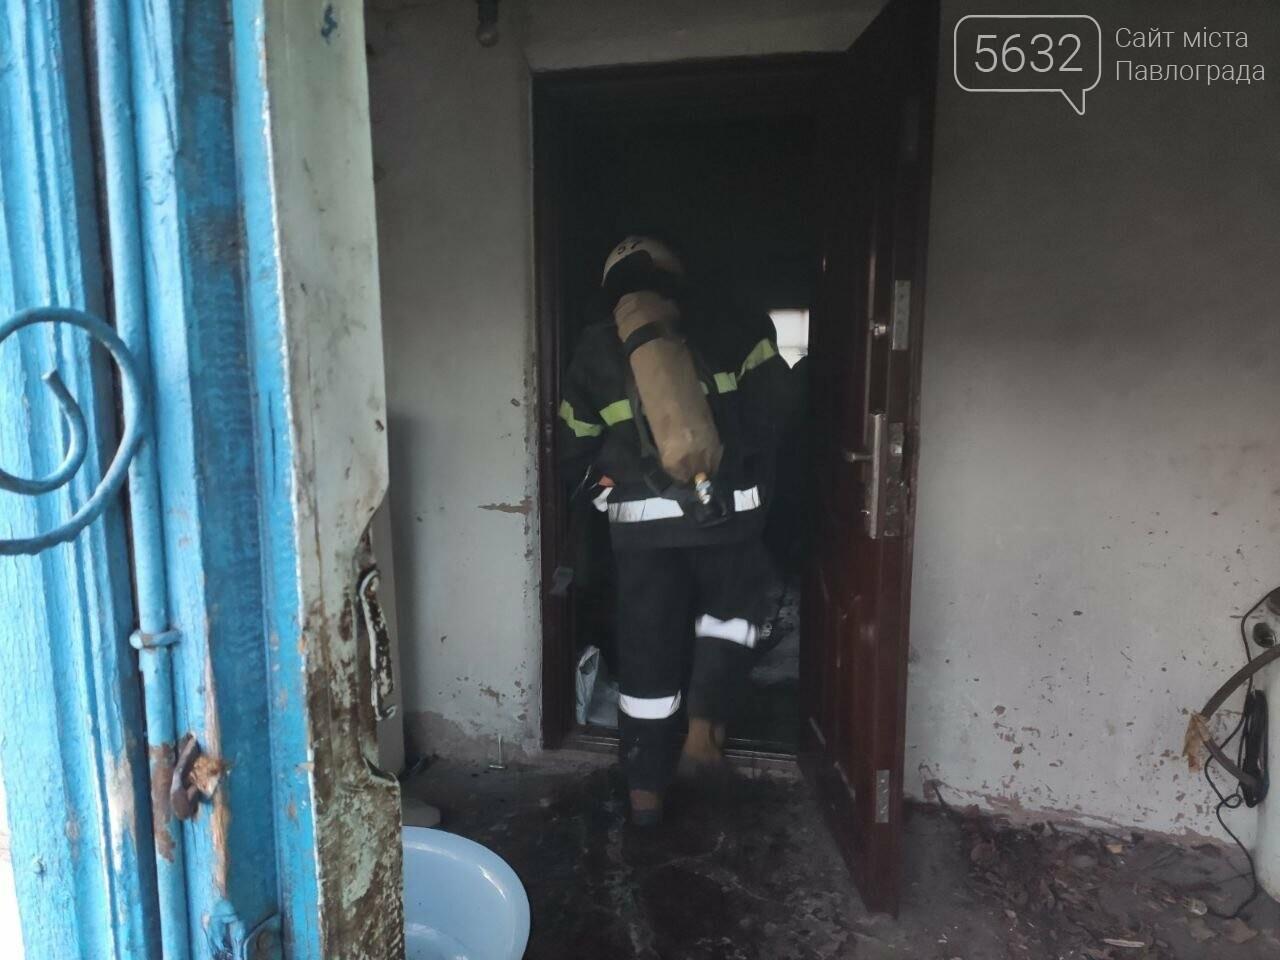 На пожаре в Петропавловском районе грудной ребенок получил сильные ожоги, фото-1